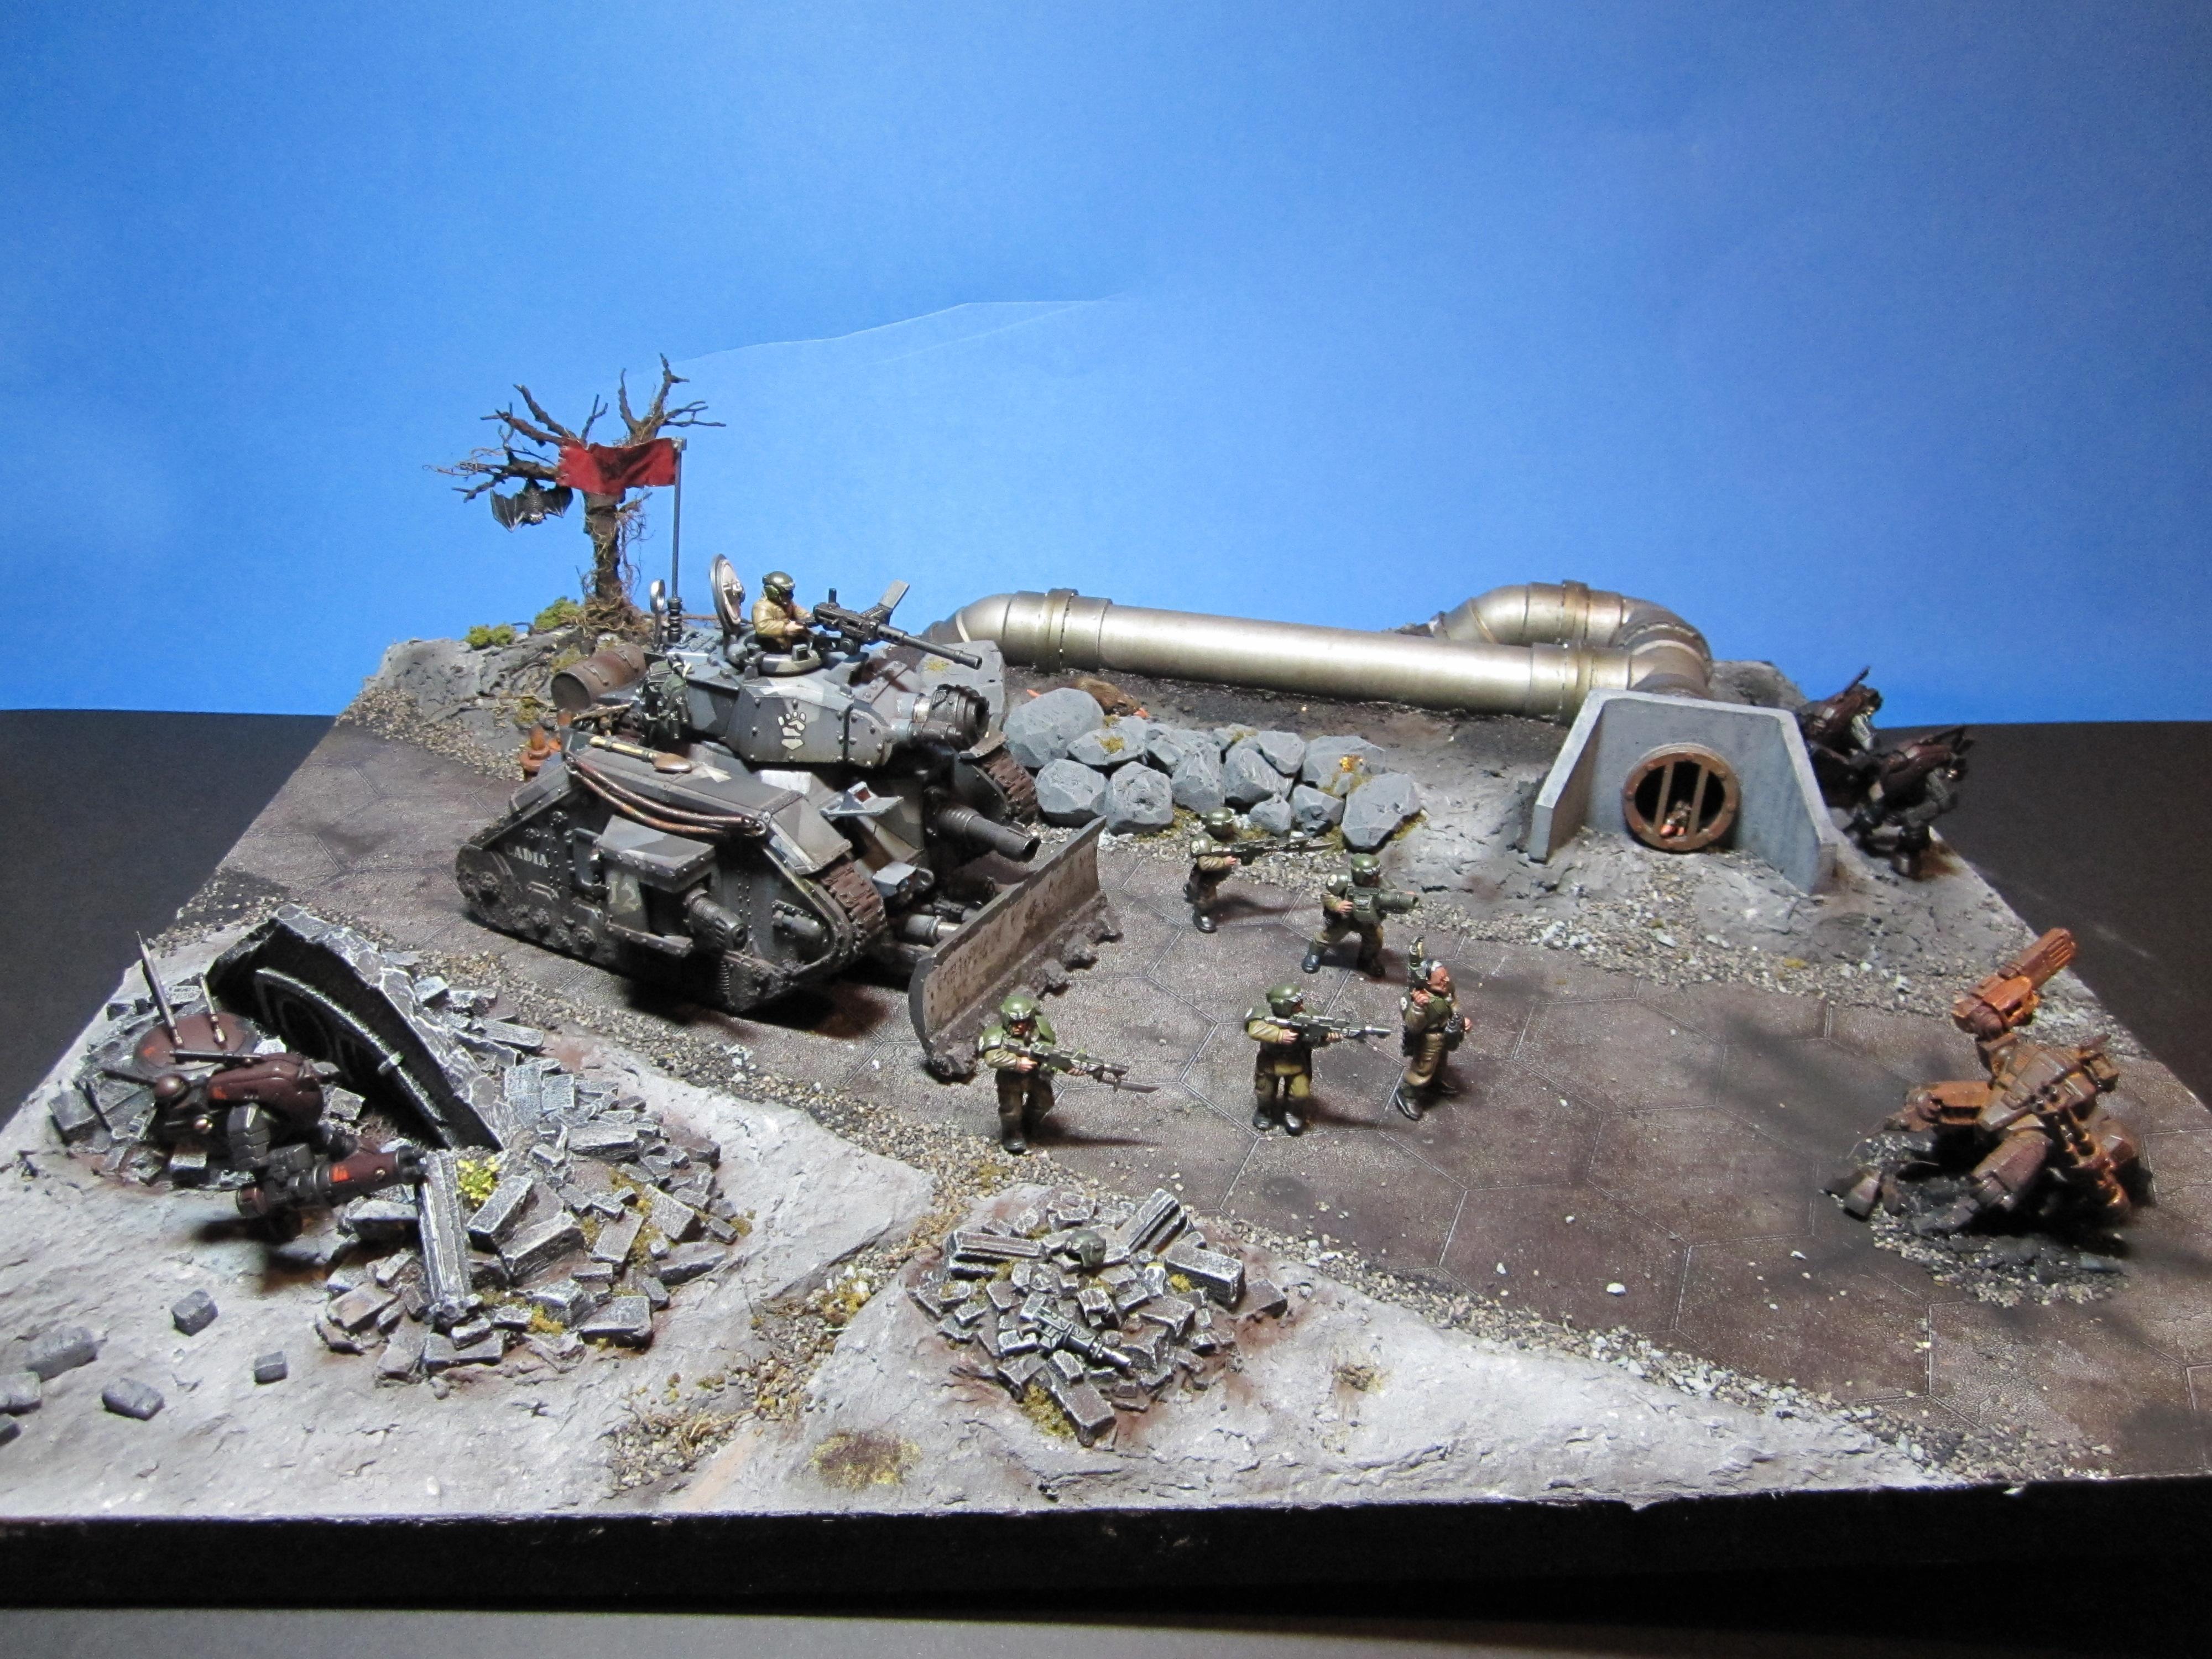 Diarama, Display, Imperial, Leman Russ, Ruins, Russ, Tank, Vingete